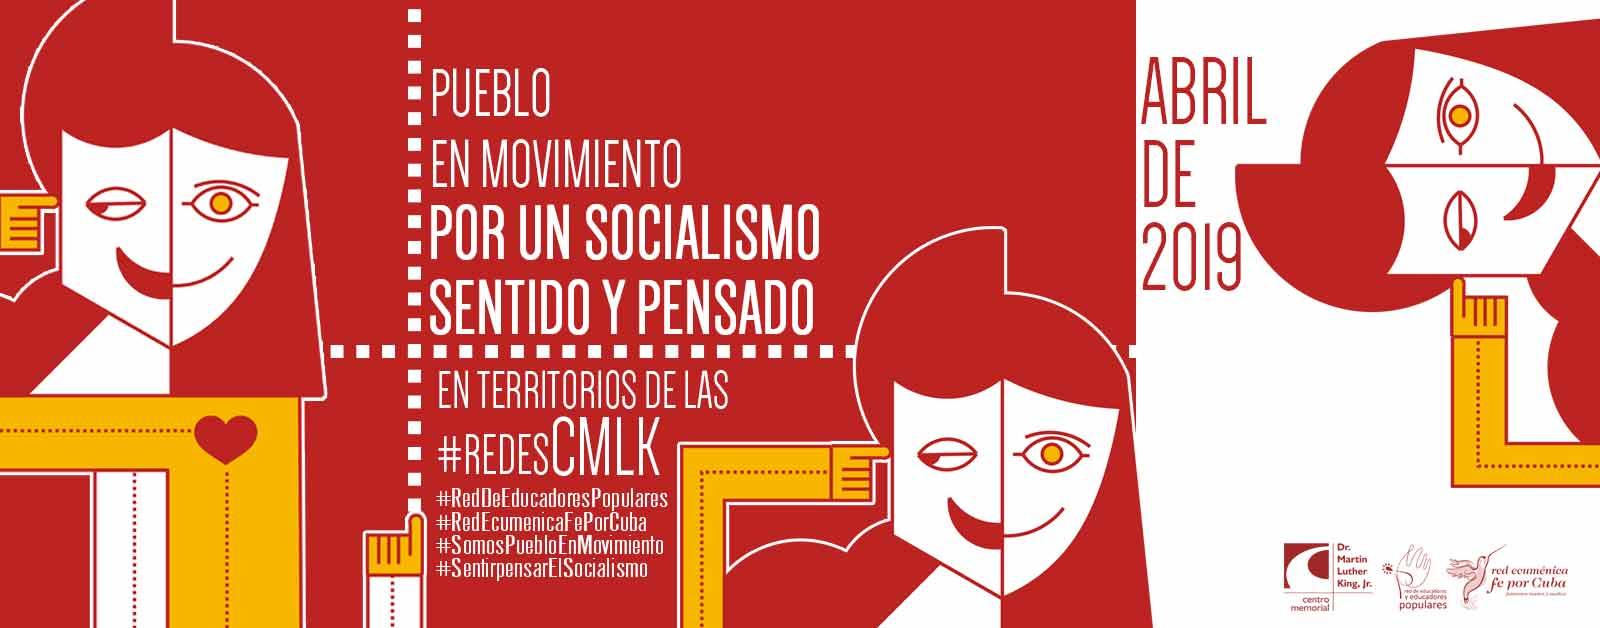 JOrnada Por un socialismo sentido y pnesado